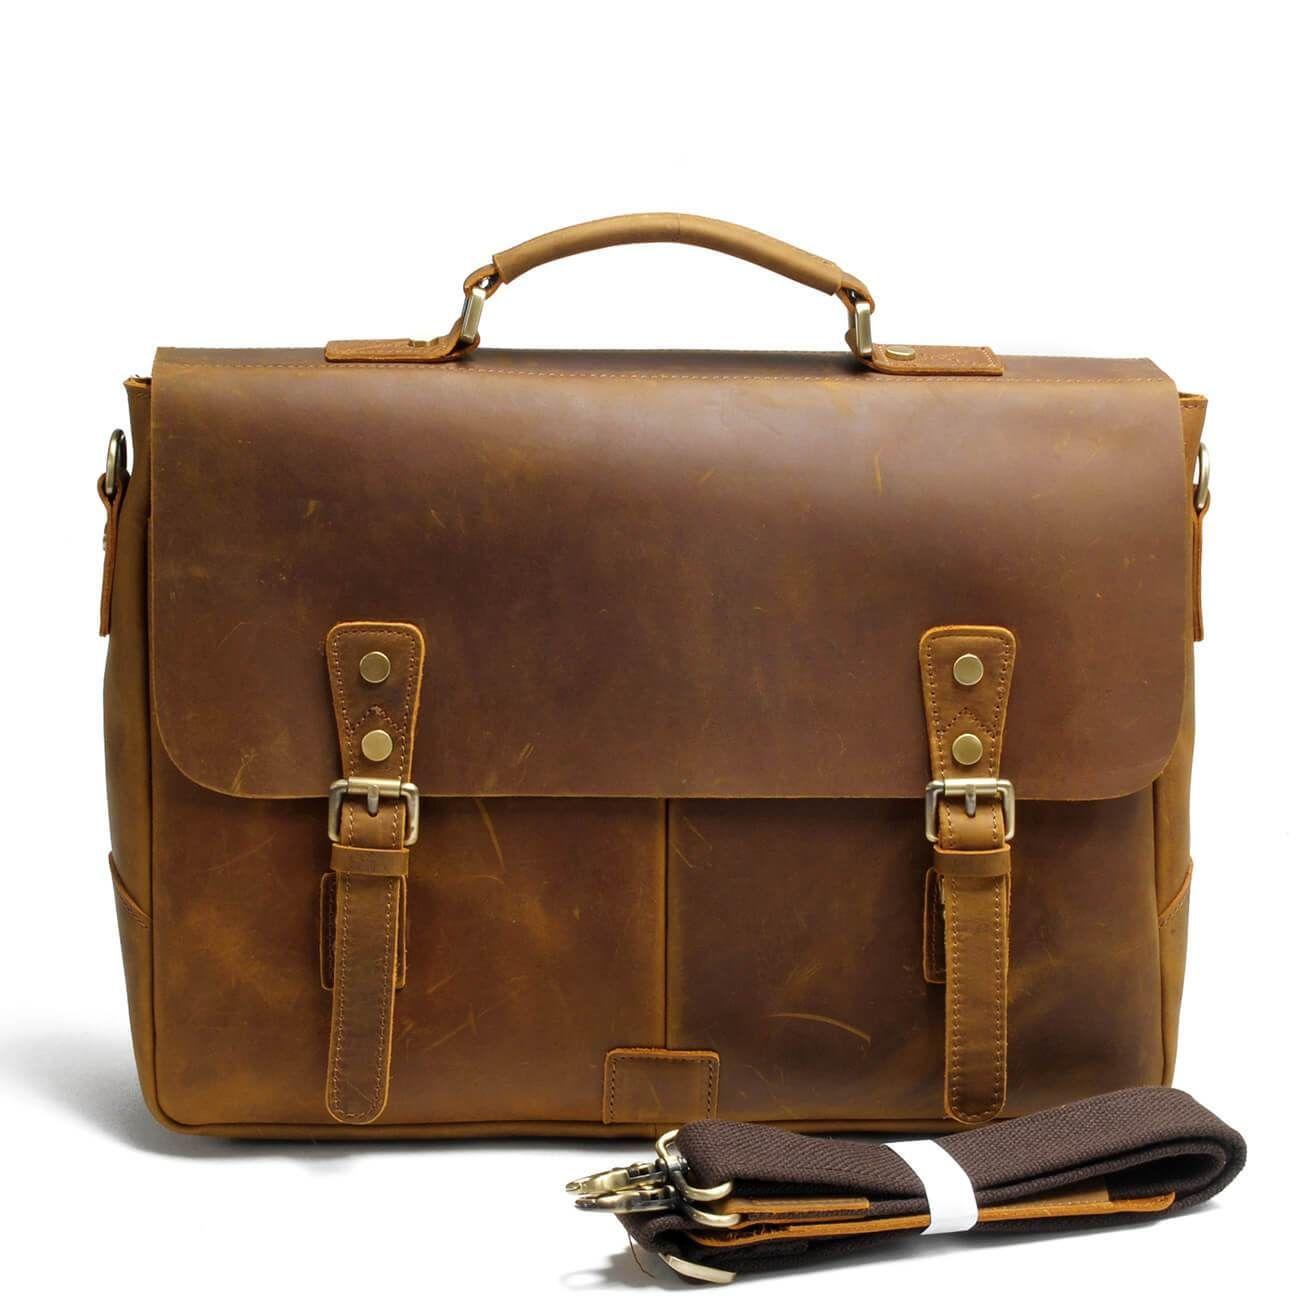 b9dc95a9f8 Top Grain Leather Men s Handbag